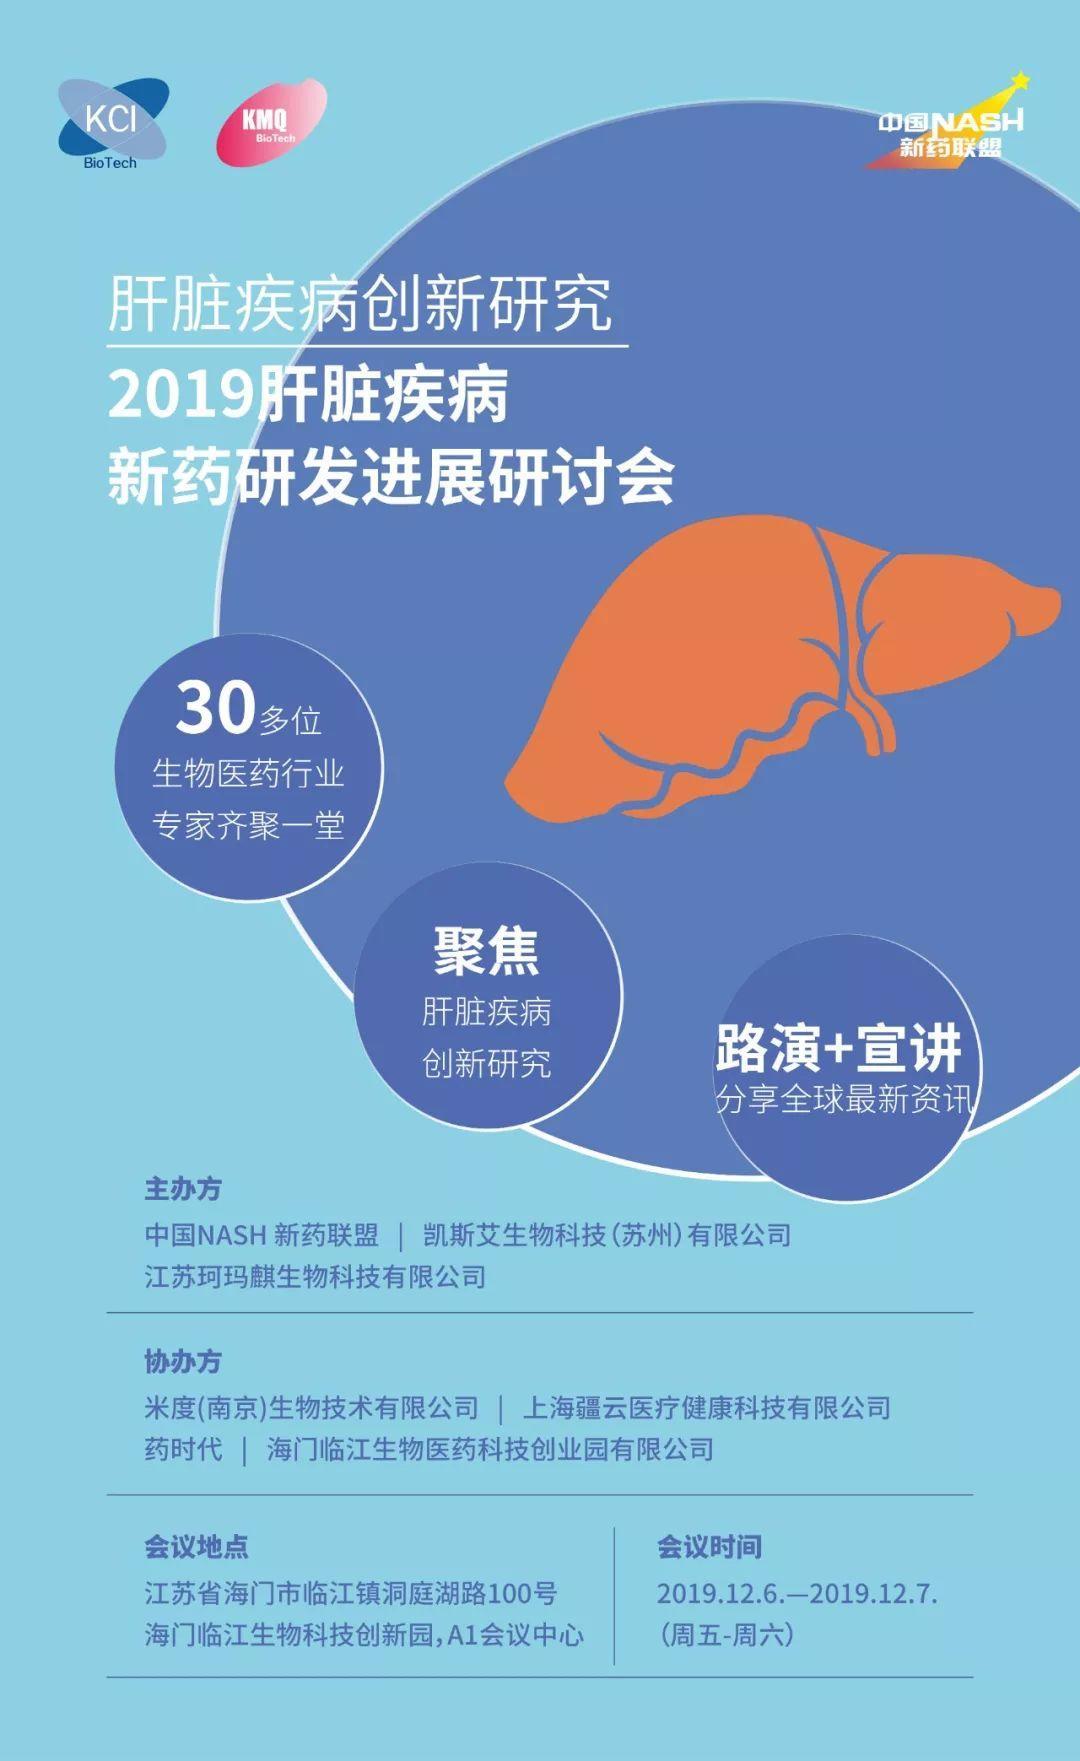 2019肝脏疾病新药研发进展研讨会通知(第二轮)